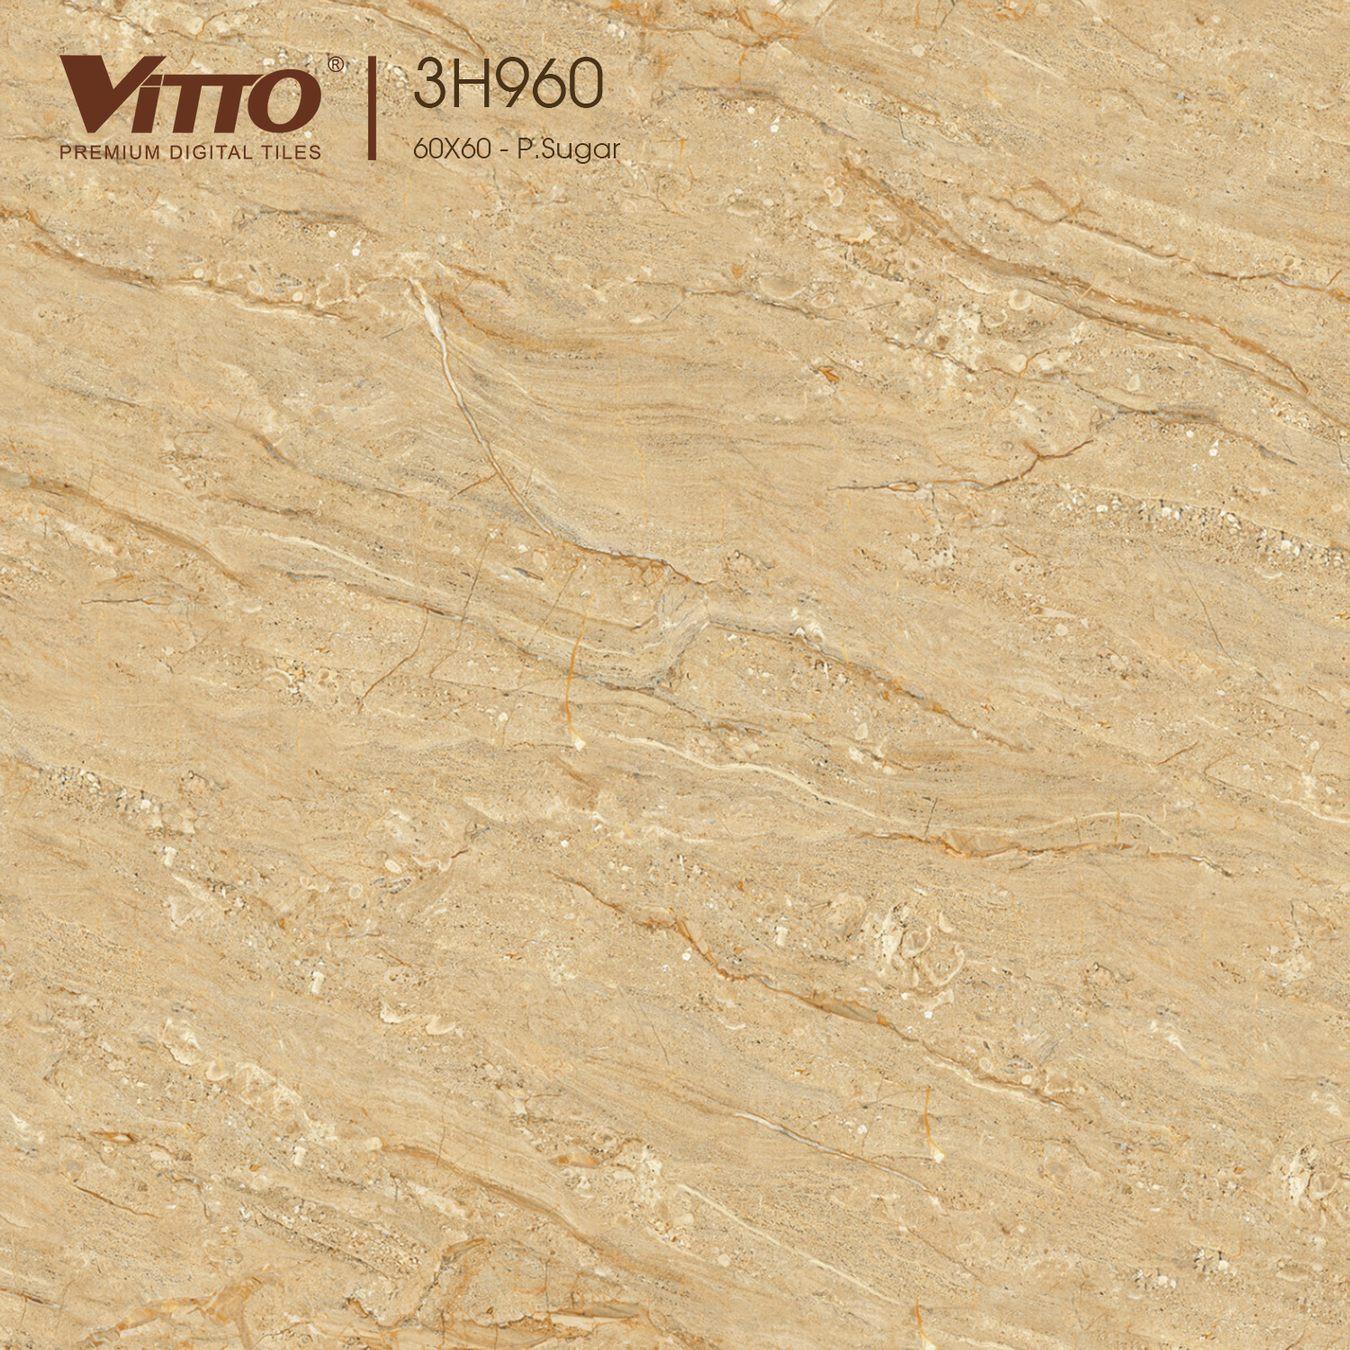 gach-vitto-60x60-ma-h960-1